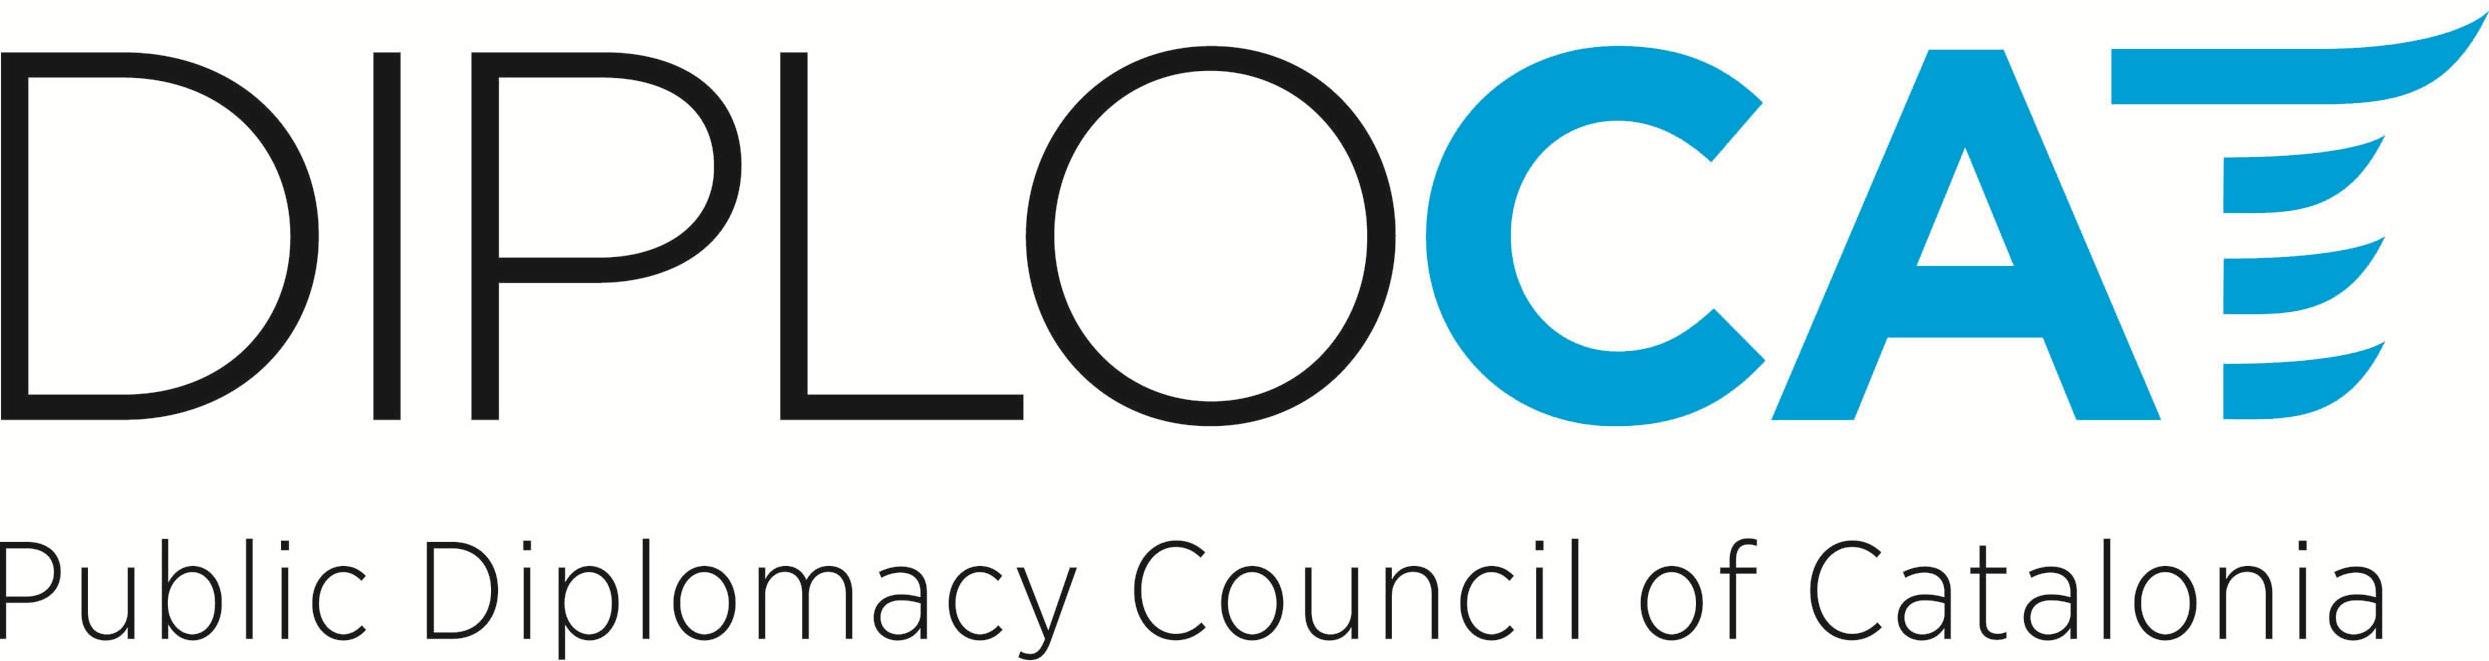 diplocat logo